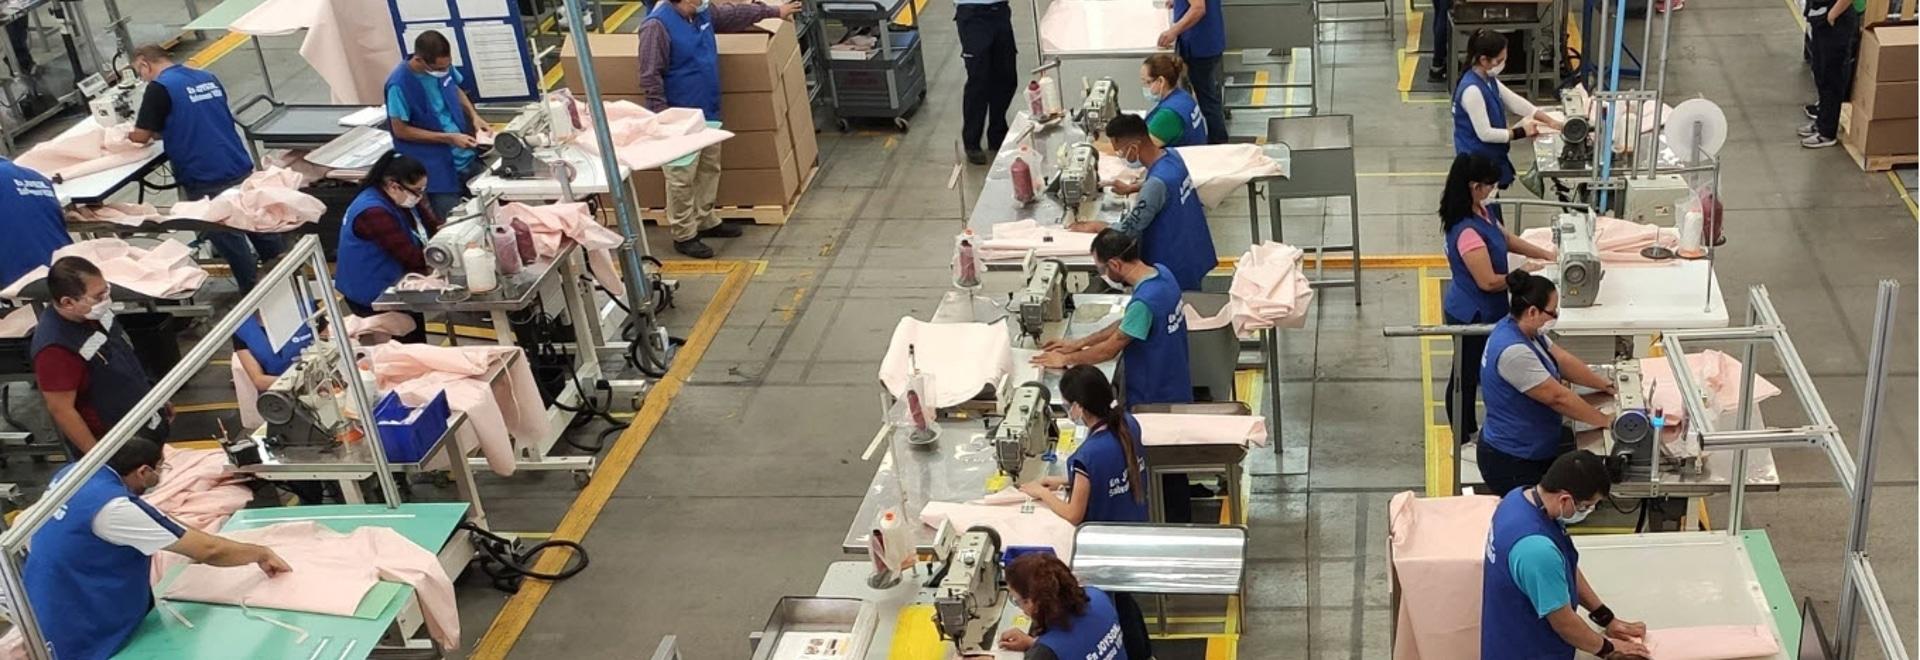 Ford utilise le matériau des airbags pour fabriquer des blouses d'hôpital pour les intervenants COVID-19